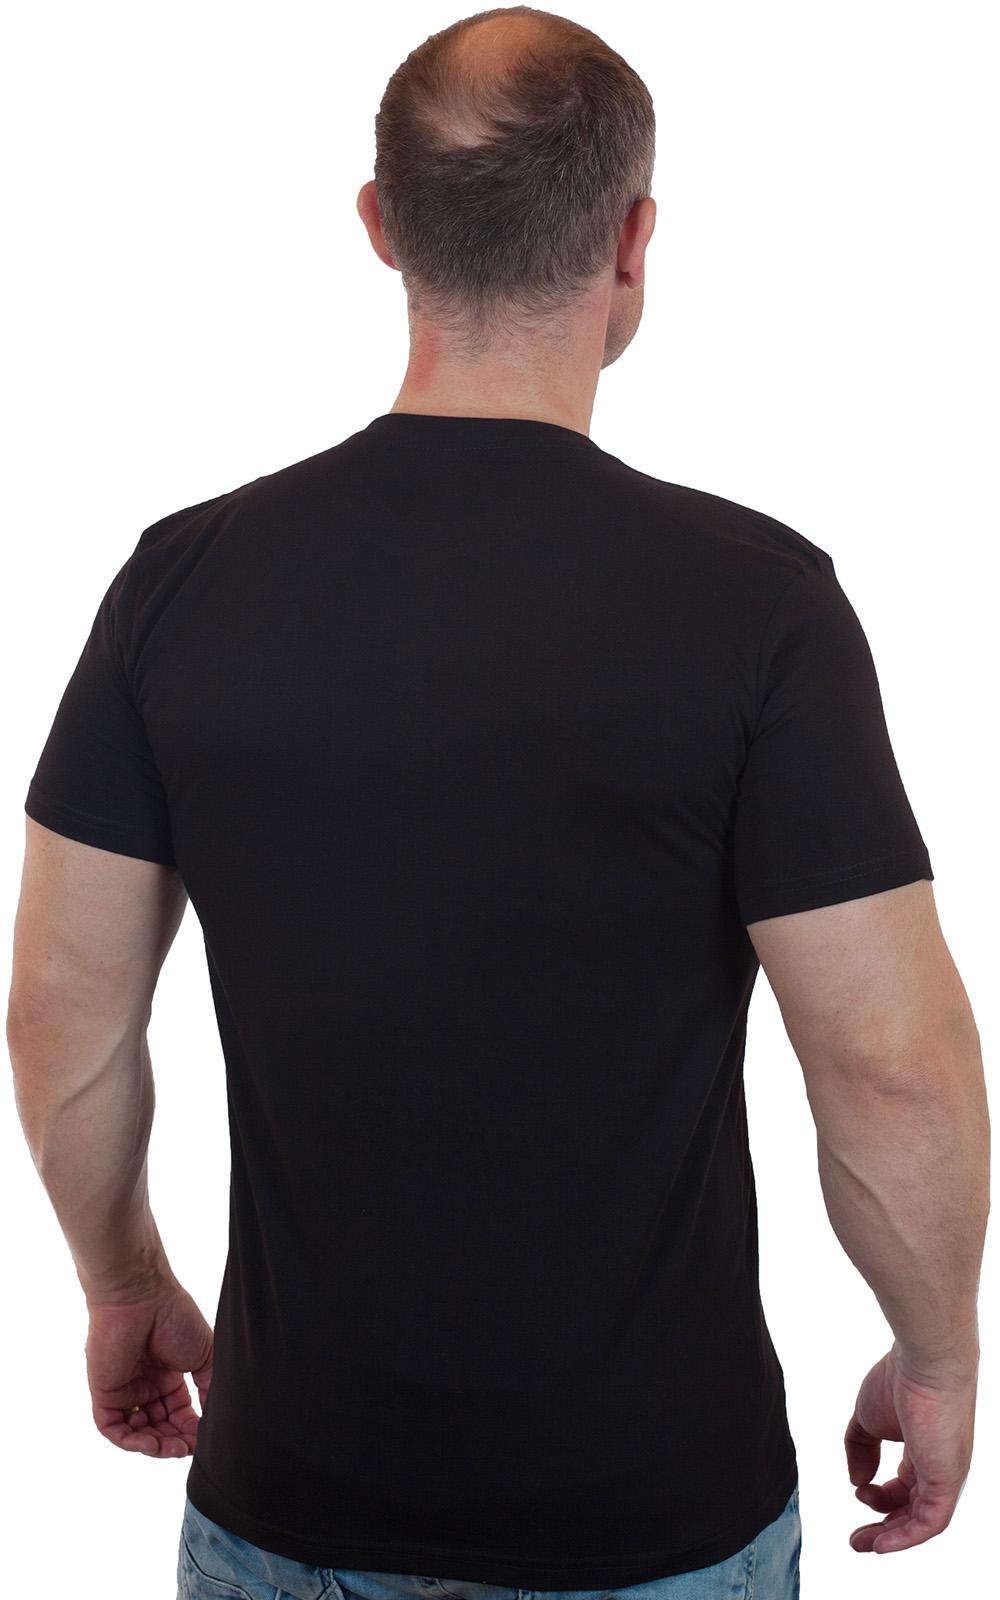 Стильная милитари футболка с вышитым шевроном 38 отдельный полк связи ВДВ - купить с доставкой или самовывозом